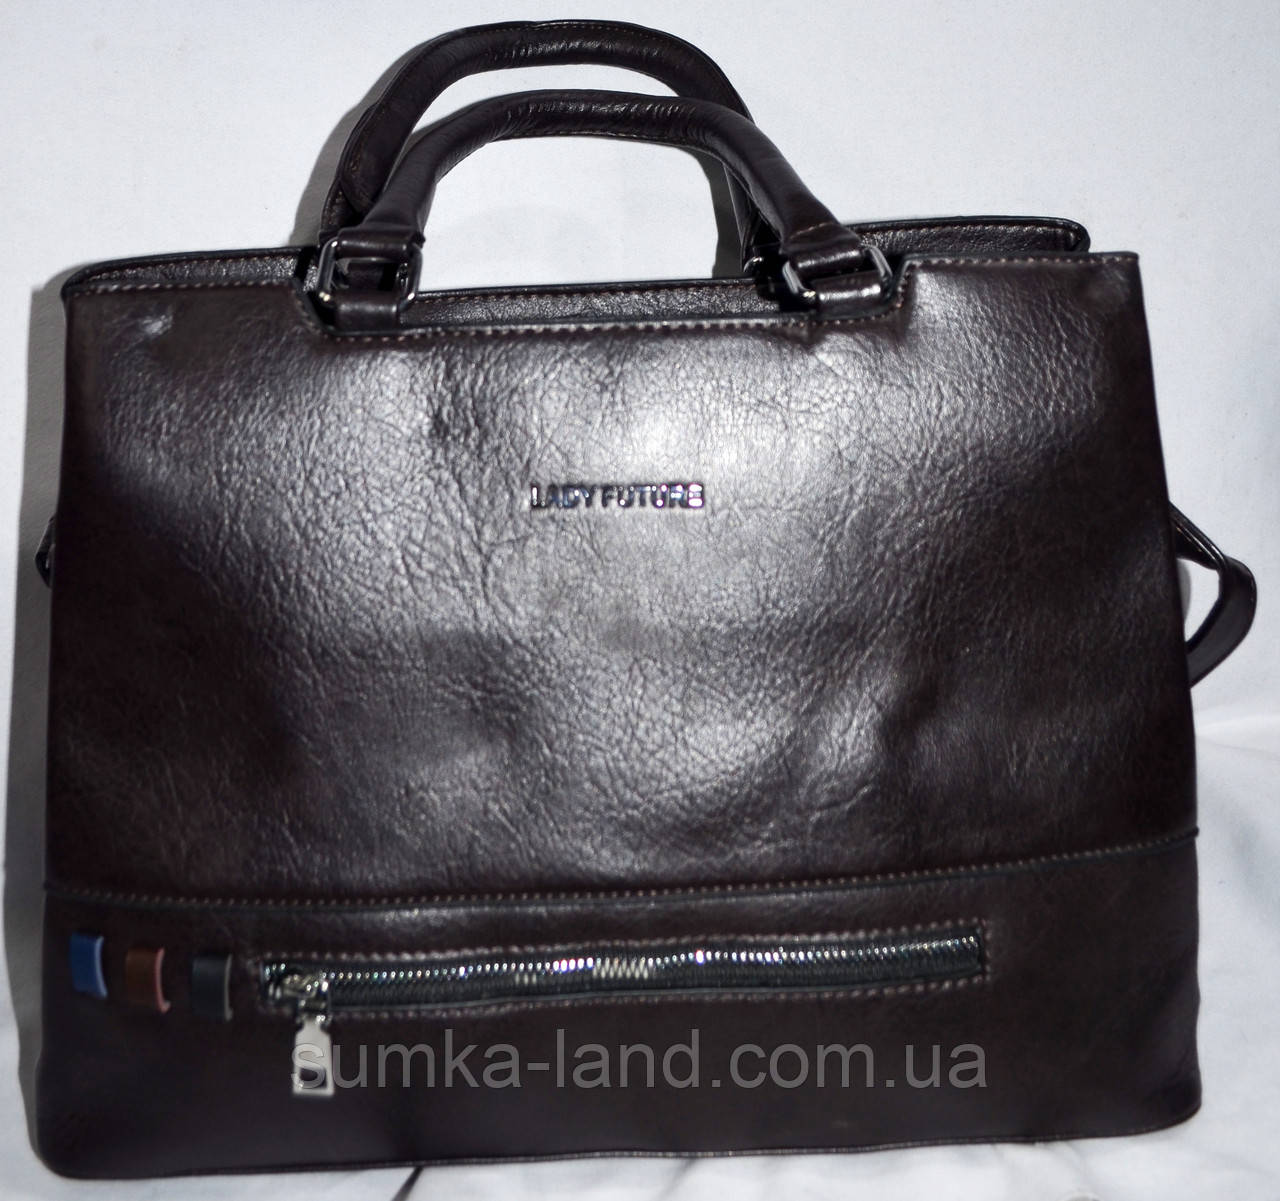 Женская каштановая сумка из кожзама с ремешком 36*27 см